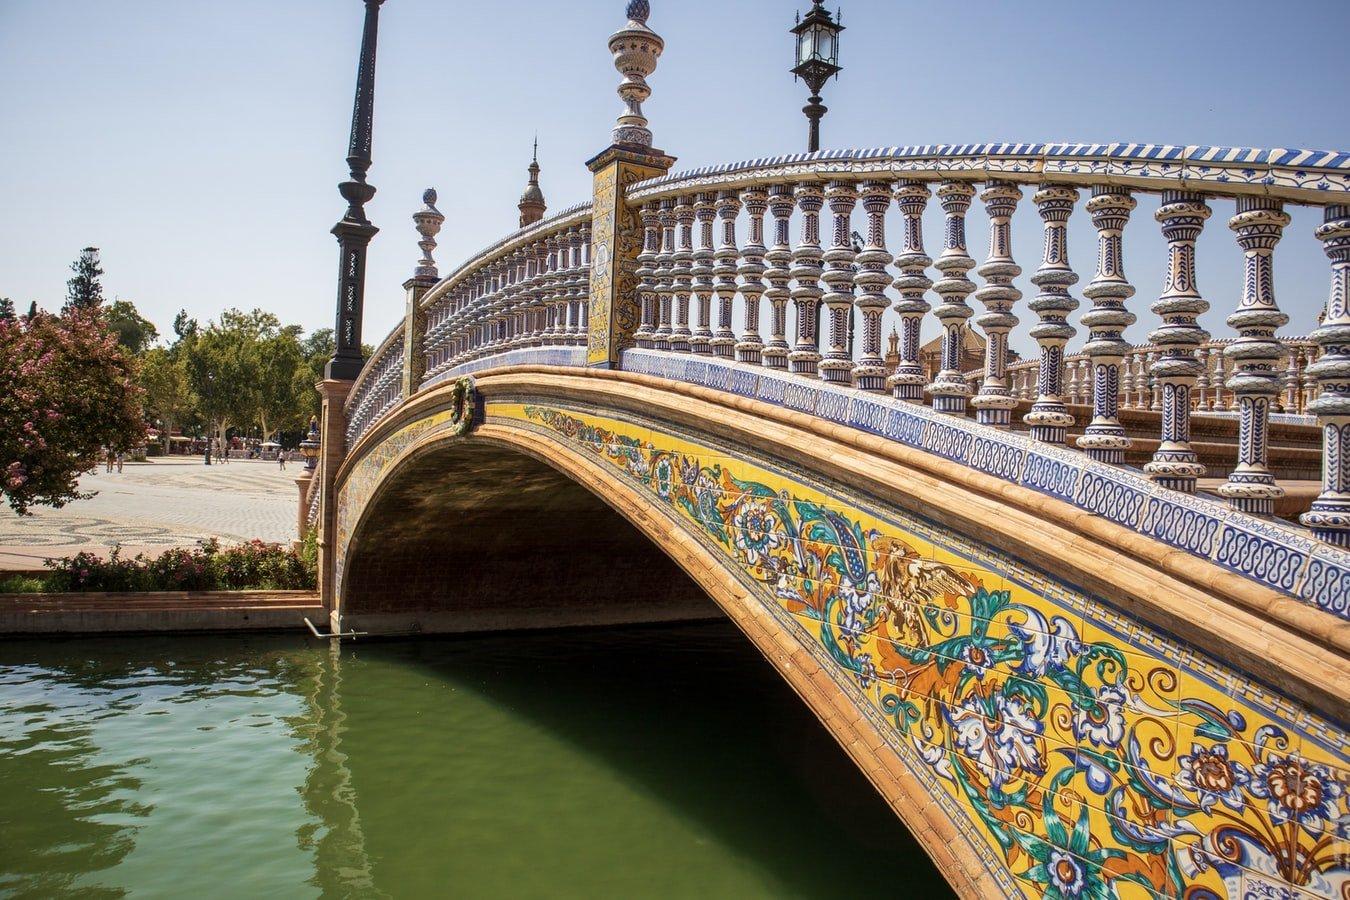 Brücke am Plaza de Espana in Sevilla Spanien